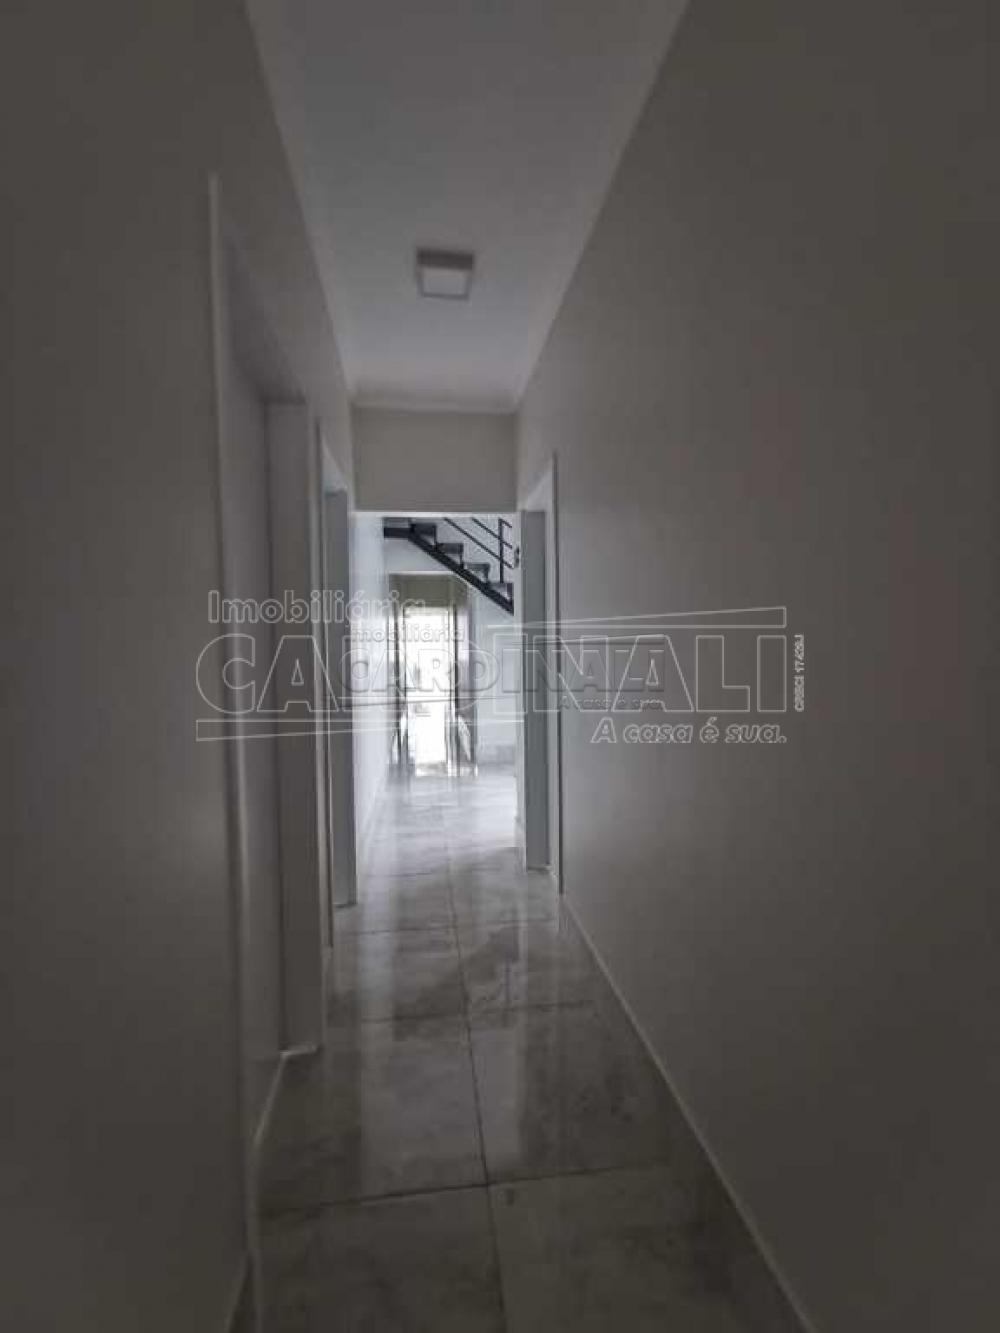 Alugar Comercial / Sala sem Condomínio em Araraquara apenas R$ 1.000,00 - Foto 12